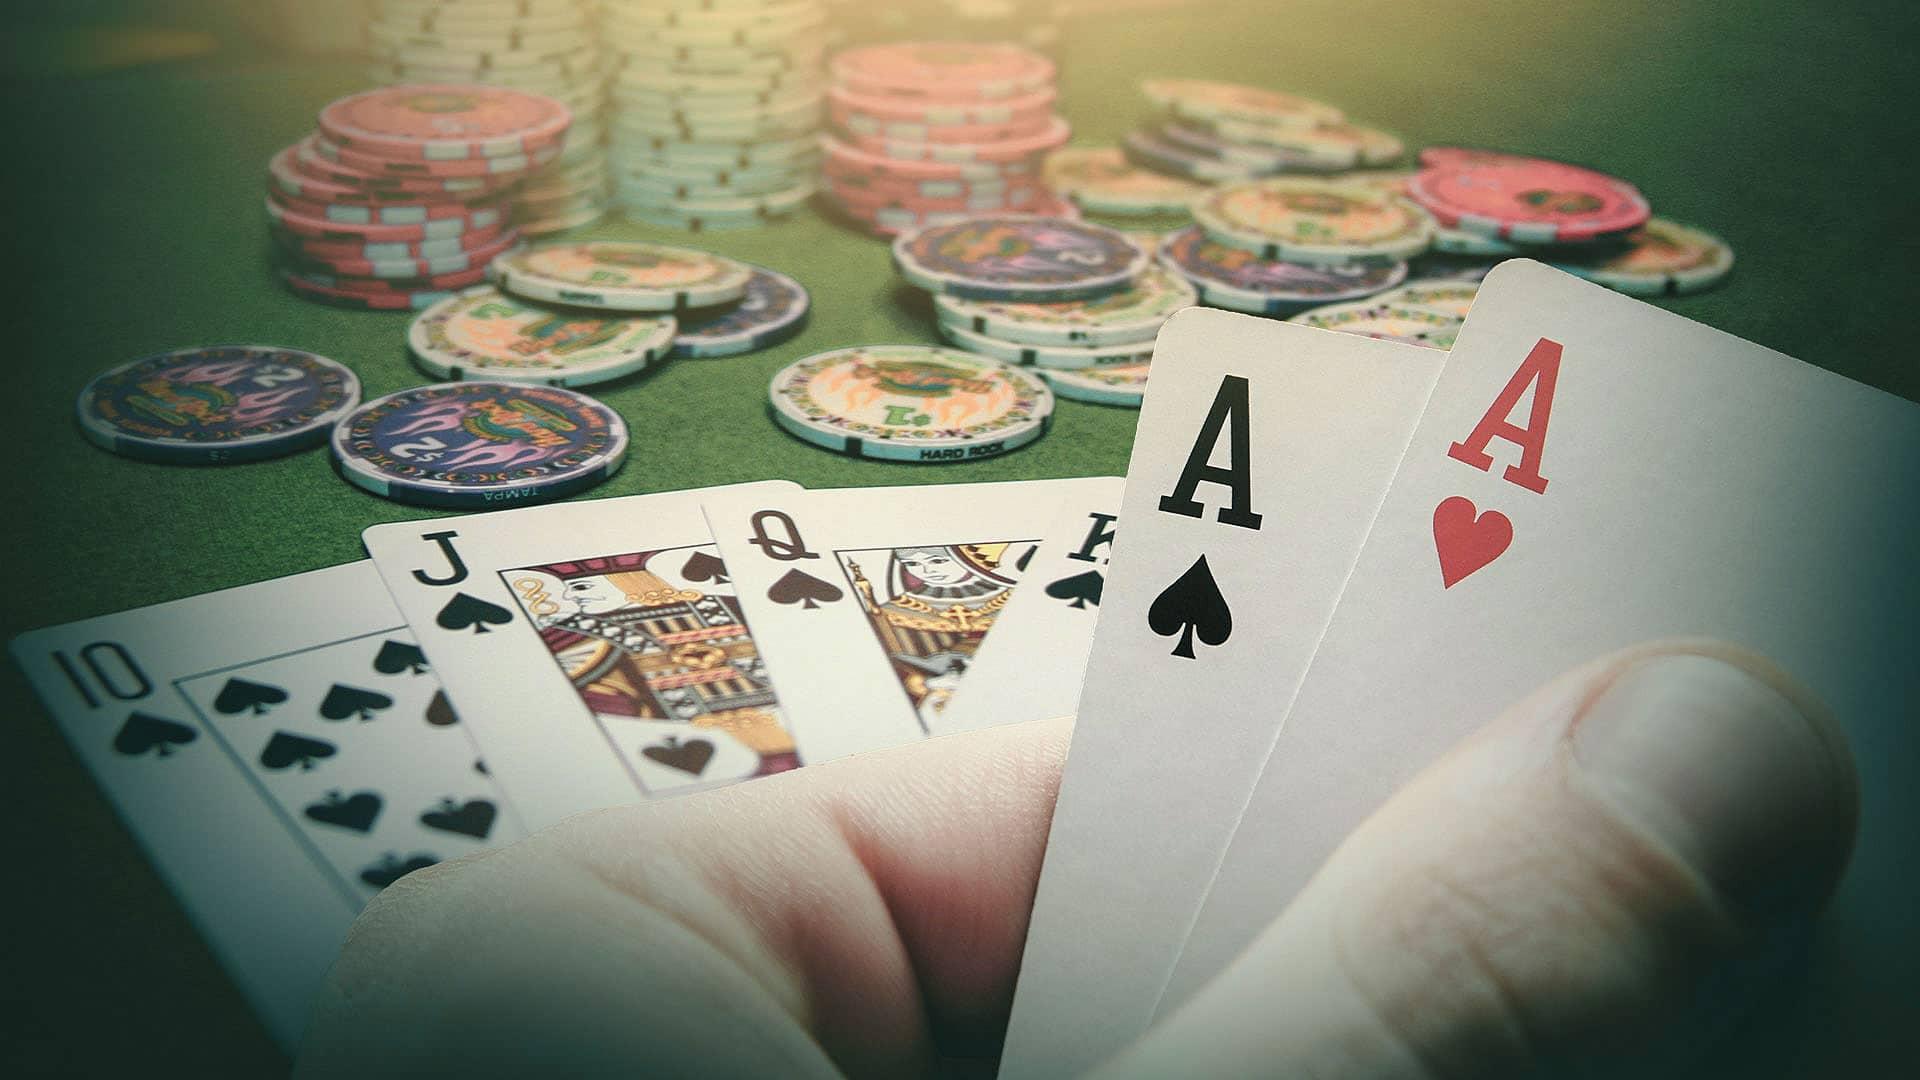 Cash Game ajuda nos Torneios? | PokerLAB - Academia de Poker On-line